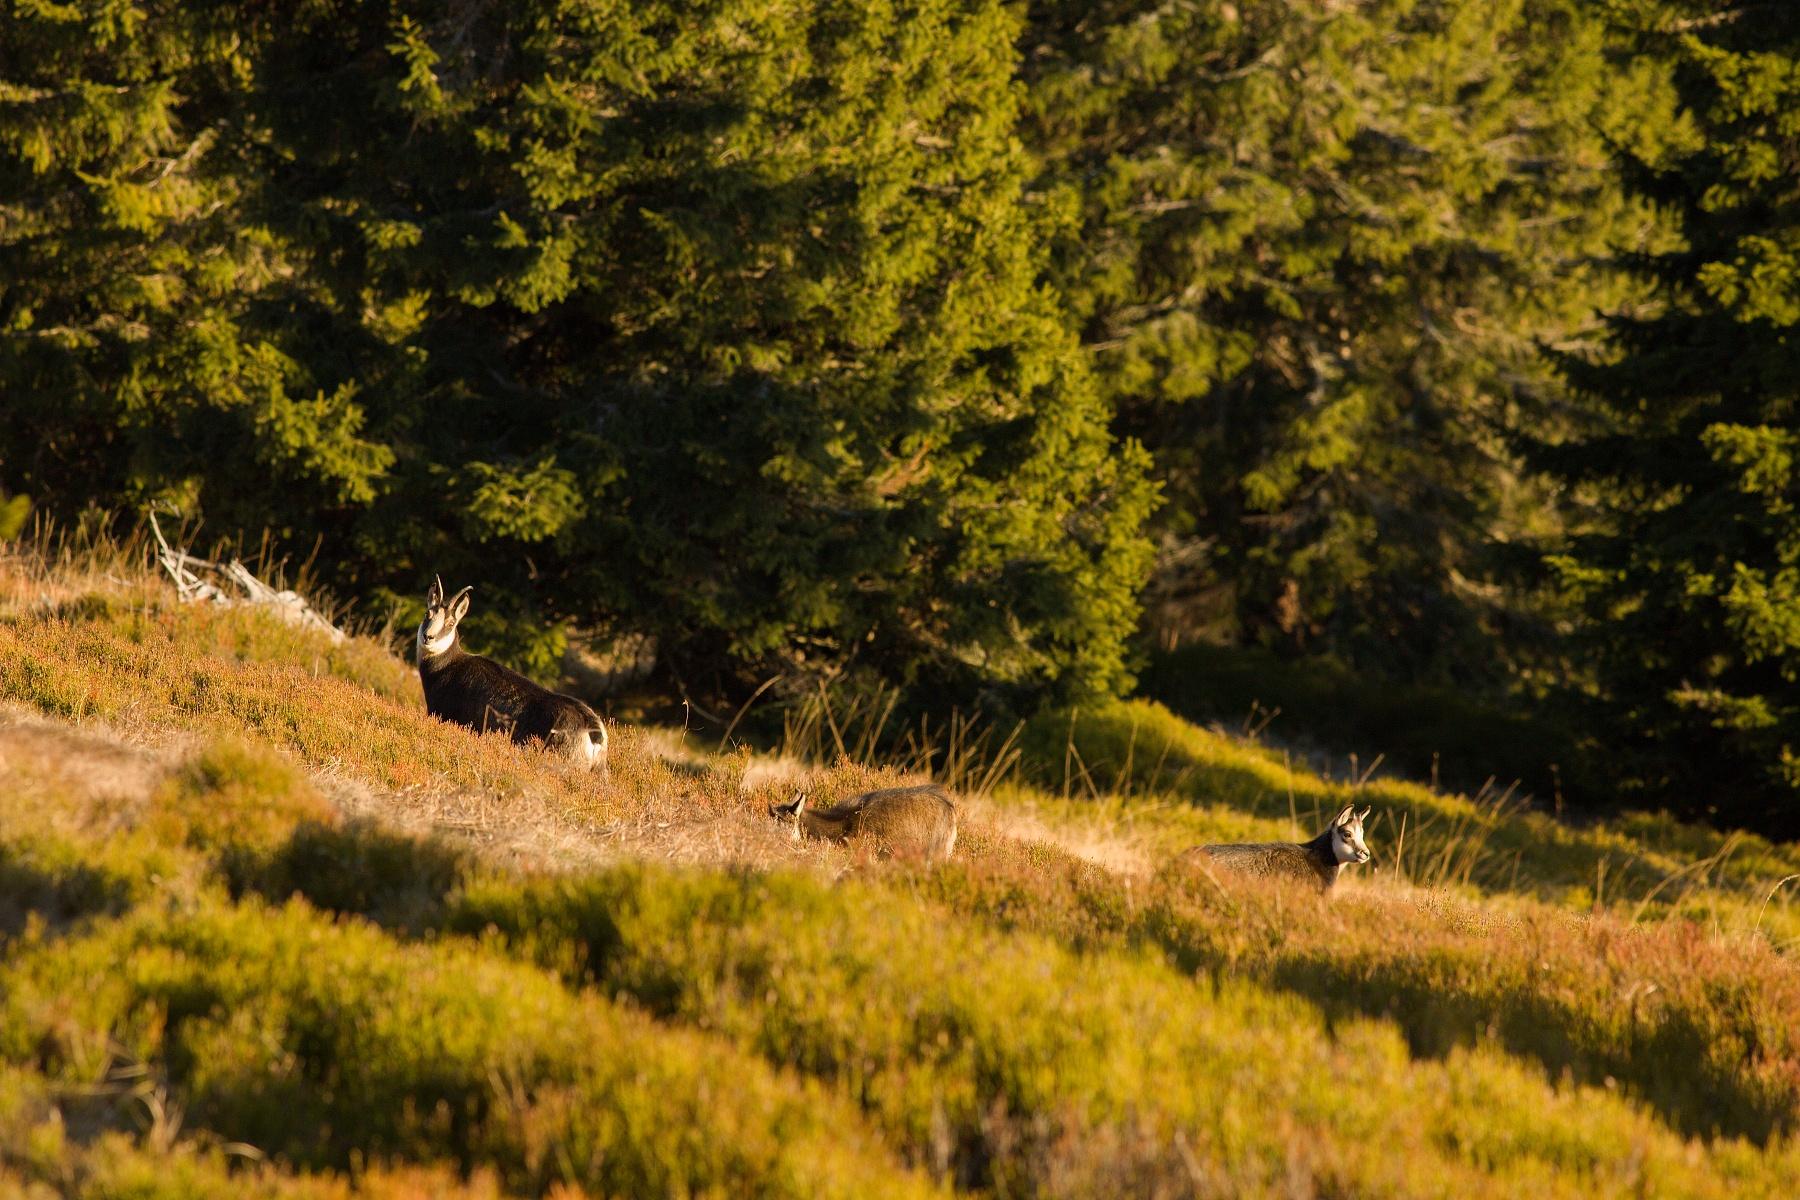 kamzík vrchovský alpský (Rupicapra rupicapra rupicapra) Alpine chamois, Hrubý Jeseník, CHKO Jeseníky, Česká republika Canon EOS 5d mark III, Canon 400mm f5.6 L USM, f7.1, 1/500, ISO 640, 17. november 2018